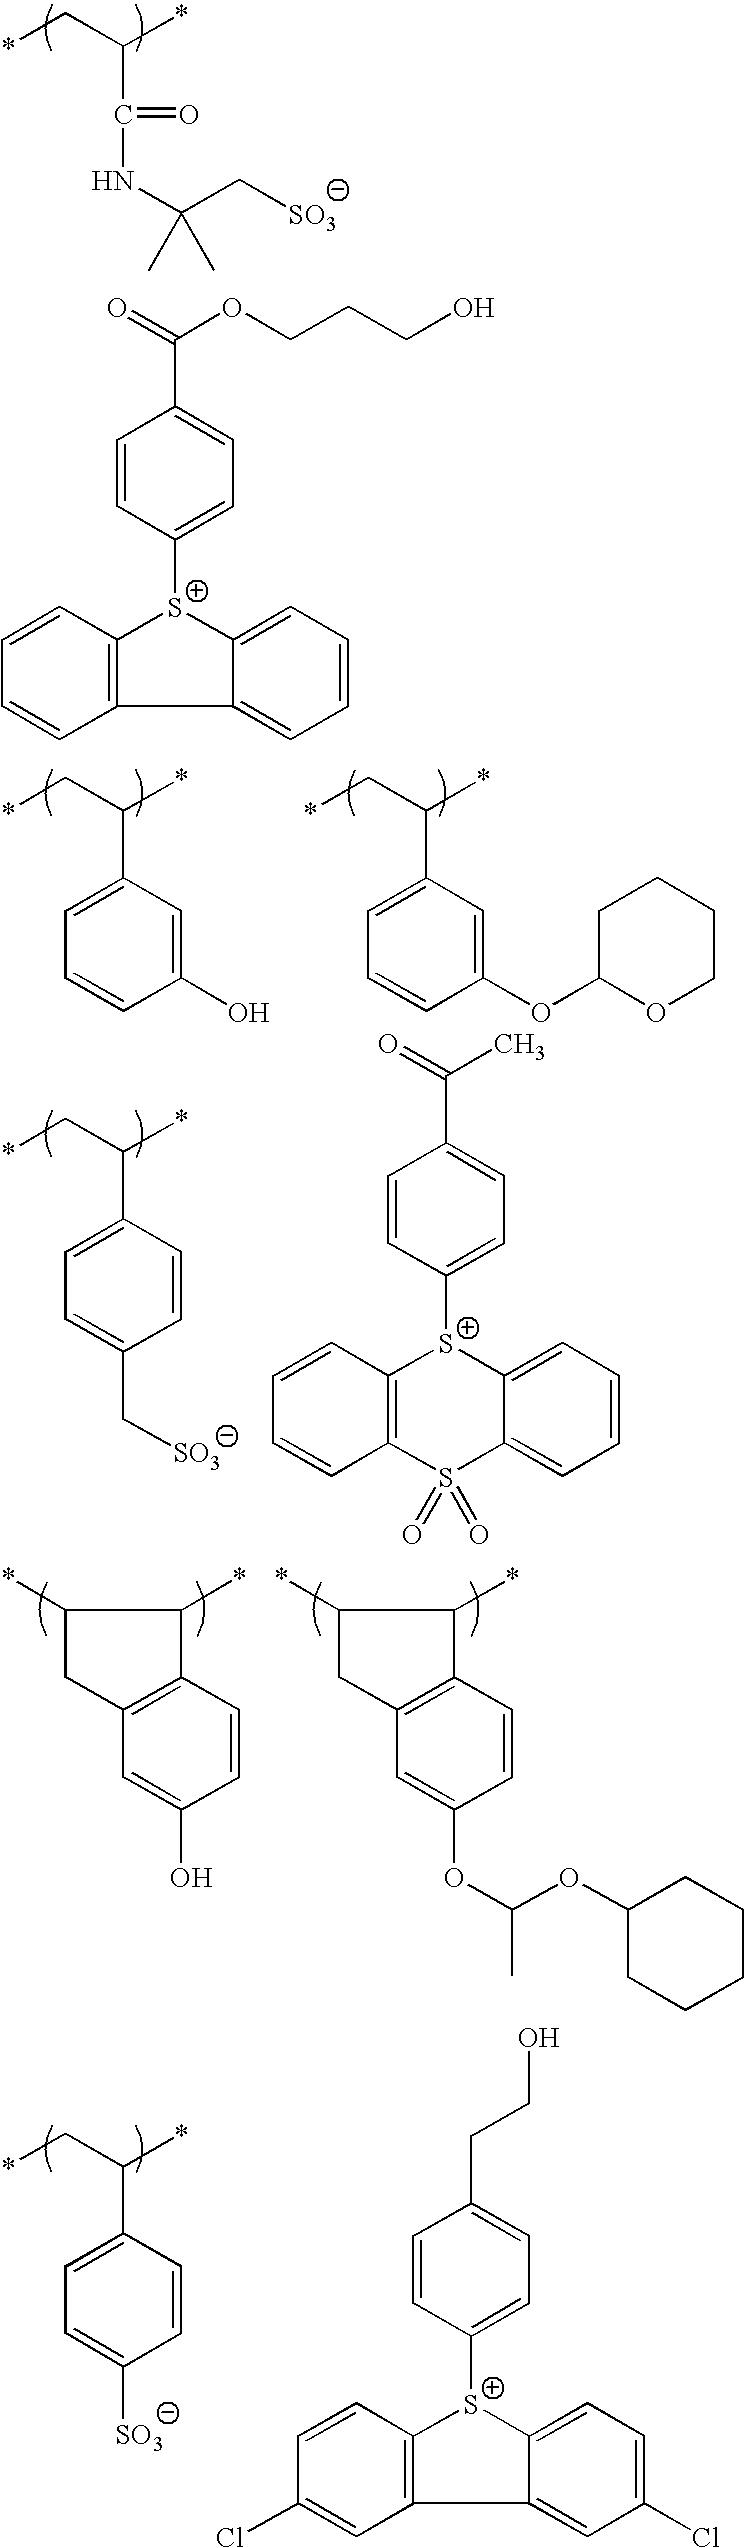 Figure US20100183975A1-20100722-C00182